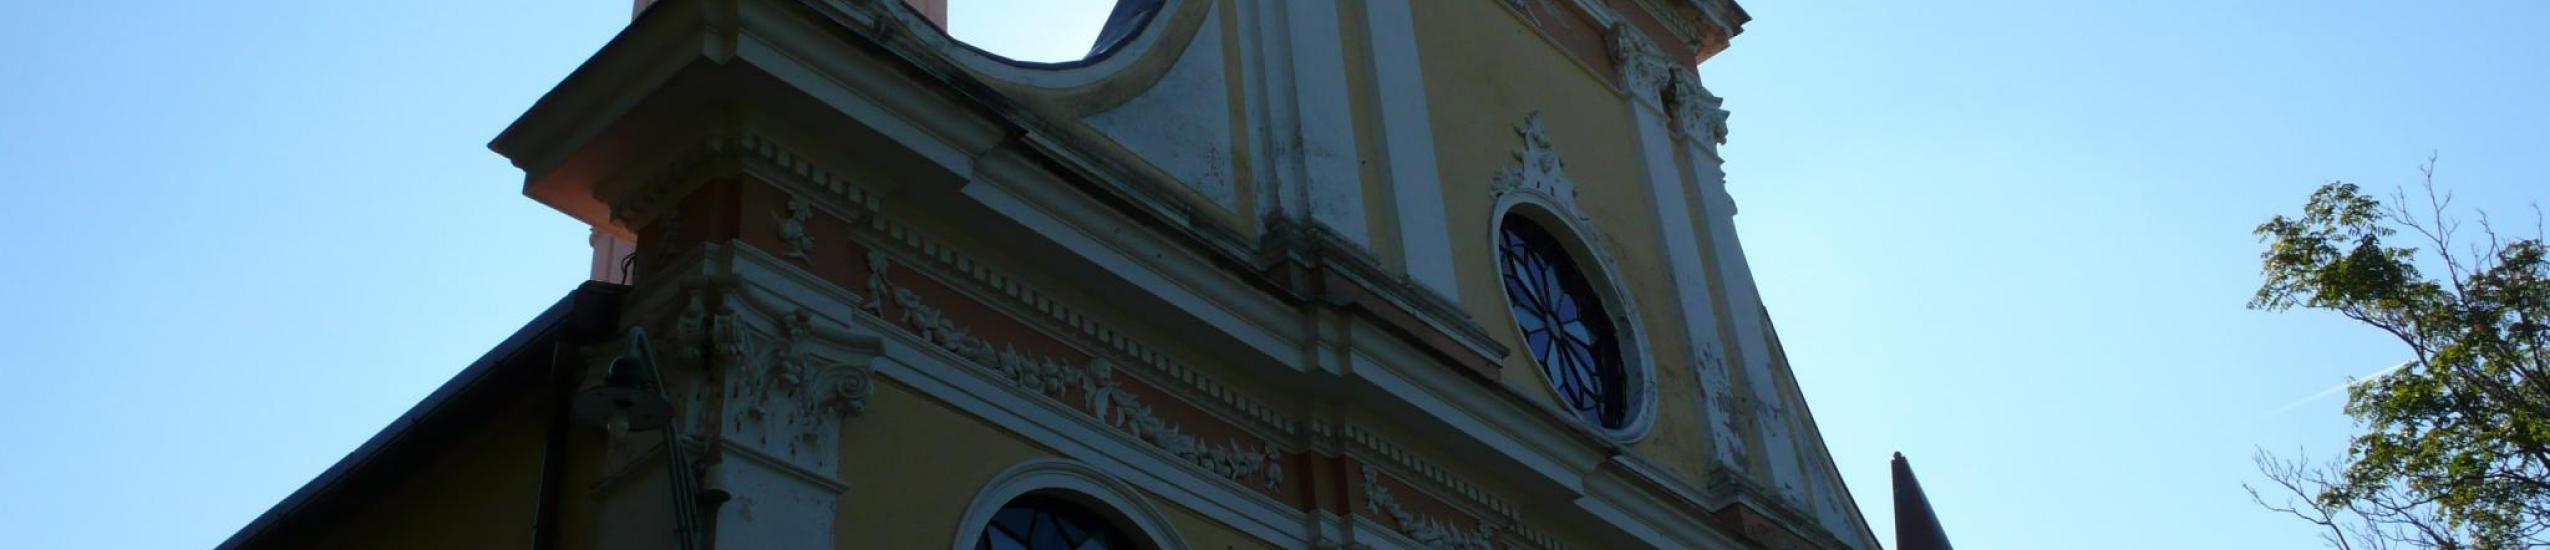 Chiesa di S. Ambrogio (0)